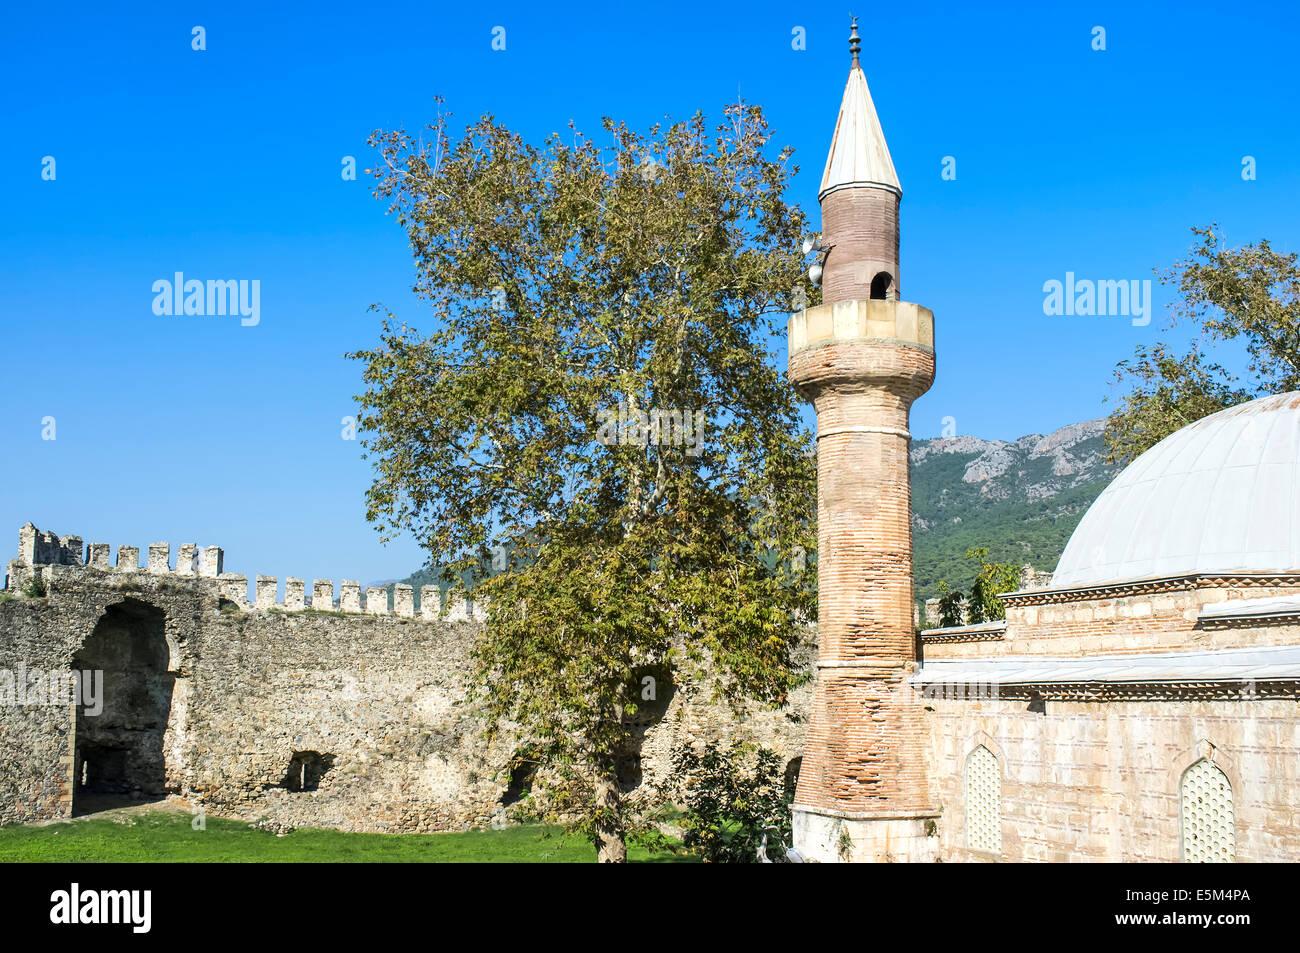 Mamure château, mosquée, Anamur, Anatolie, Turquie du sud-ouest Banque D'Images